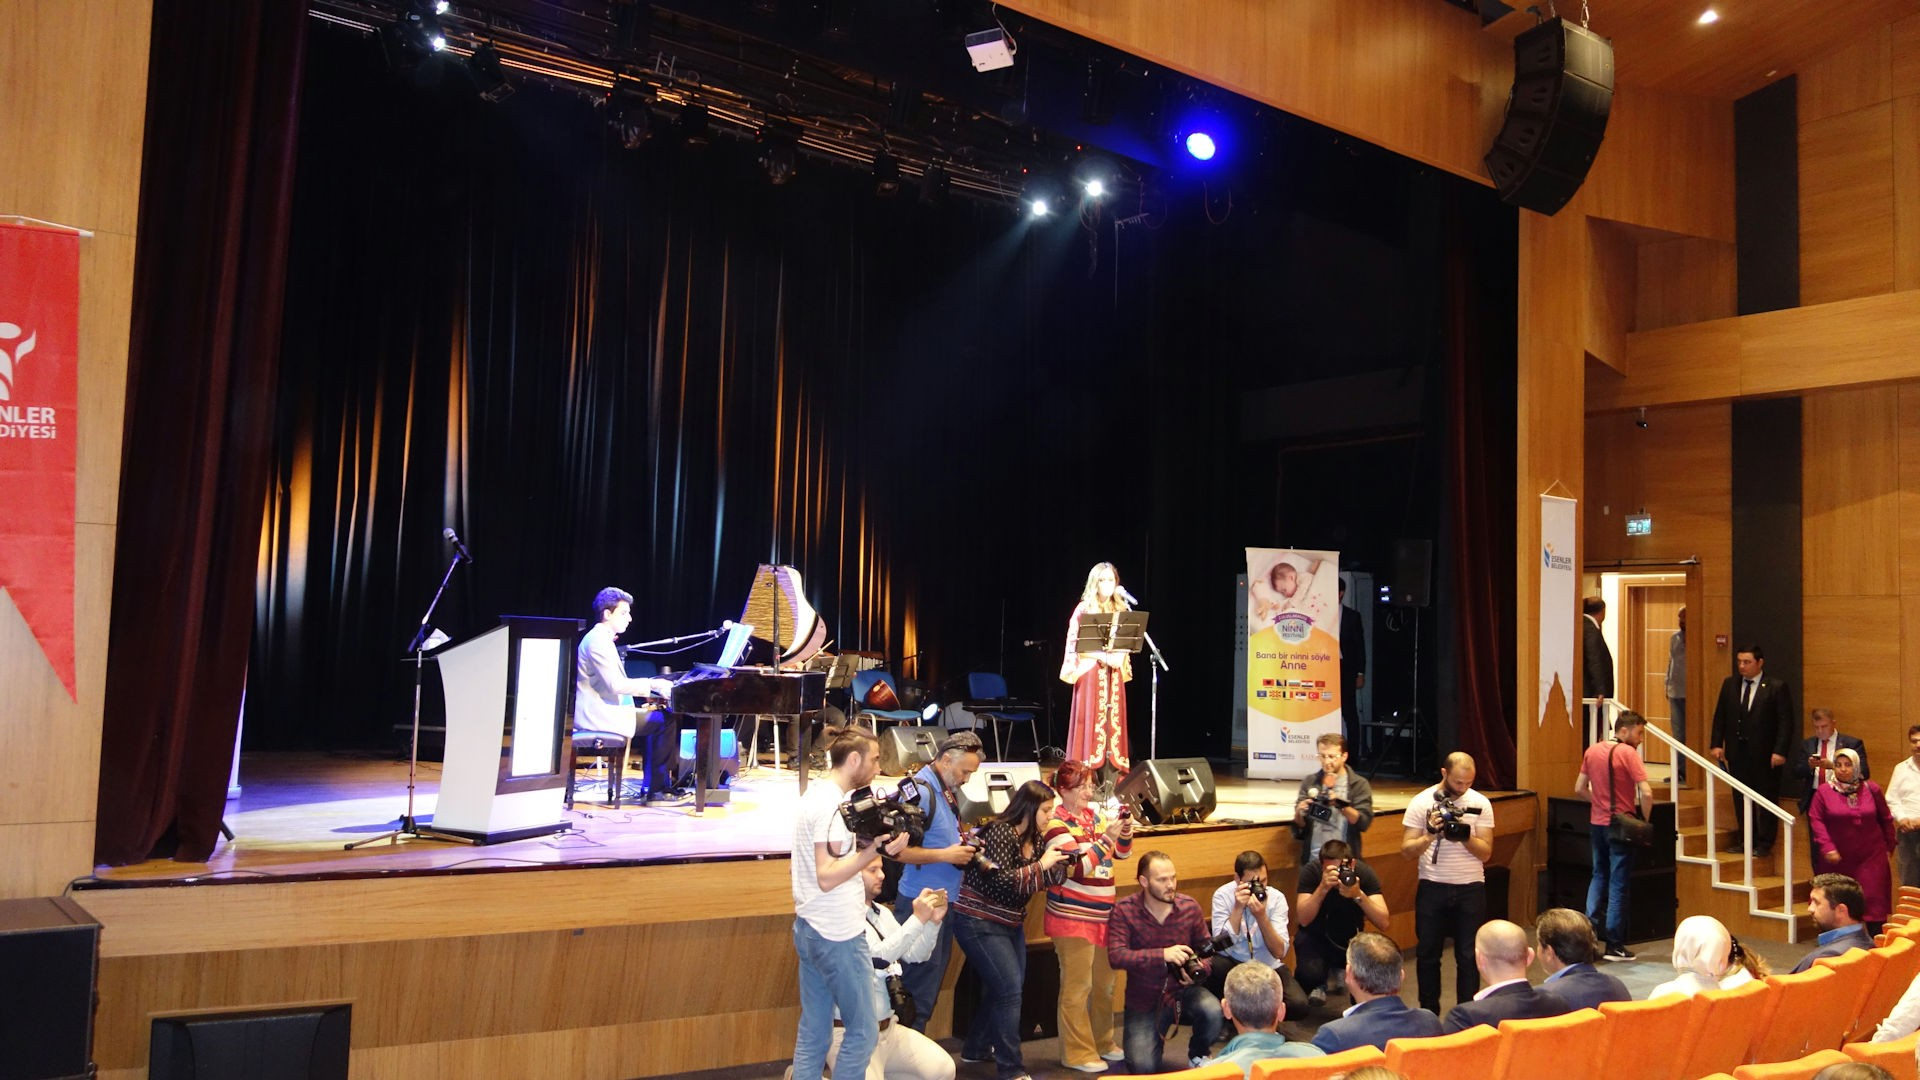 52. Osmanlıdan Günümüze Ninniler Esenler Ninni Festivali 2016 Piyano Canlı Konser Müzik Dinleti. Genç Piyanist Güneş Yakartepe. PiyanoTürk